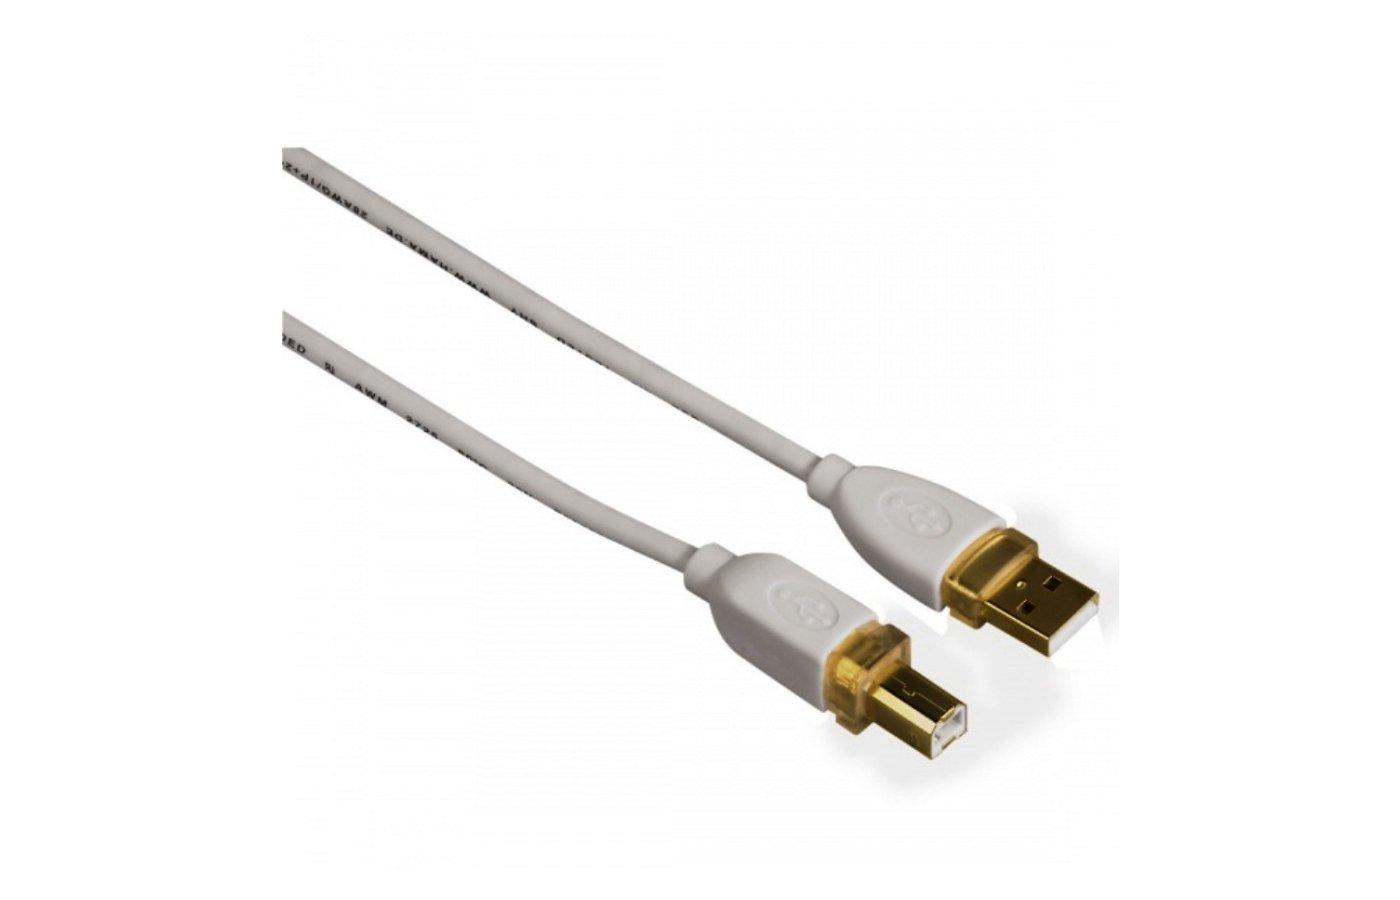 USB Кабель Hama H-78462 USB 2.0 A(m) - B(m) 1.8м позолоченные контакты экранированный 3зв белый